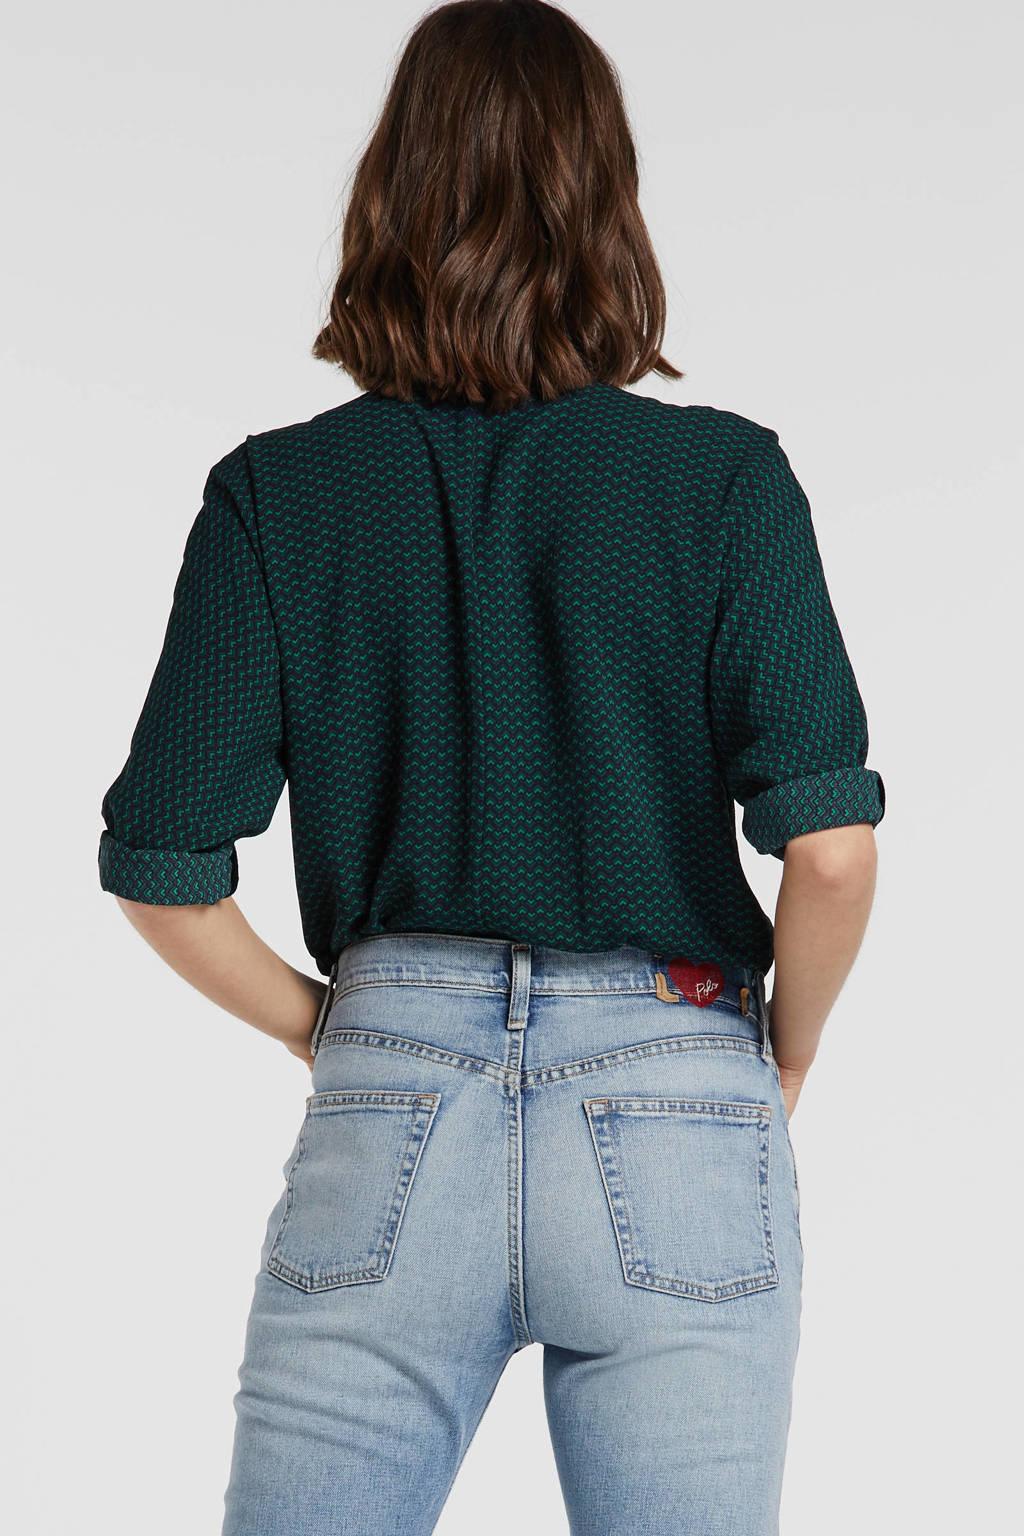 ONLY blouse met all over print zwart/mintgroen, Zwart/mintgroen